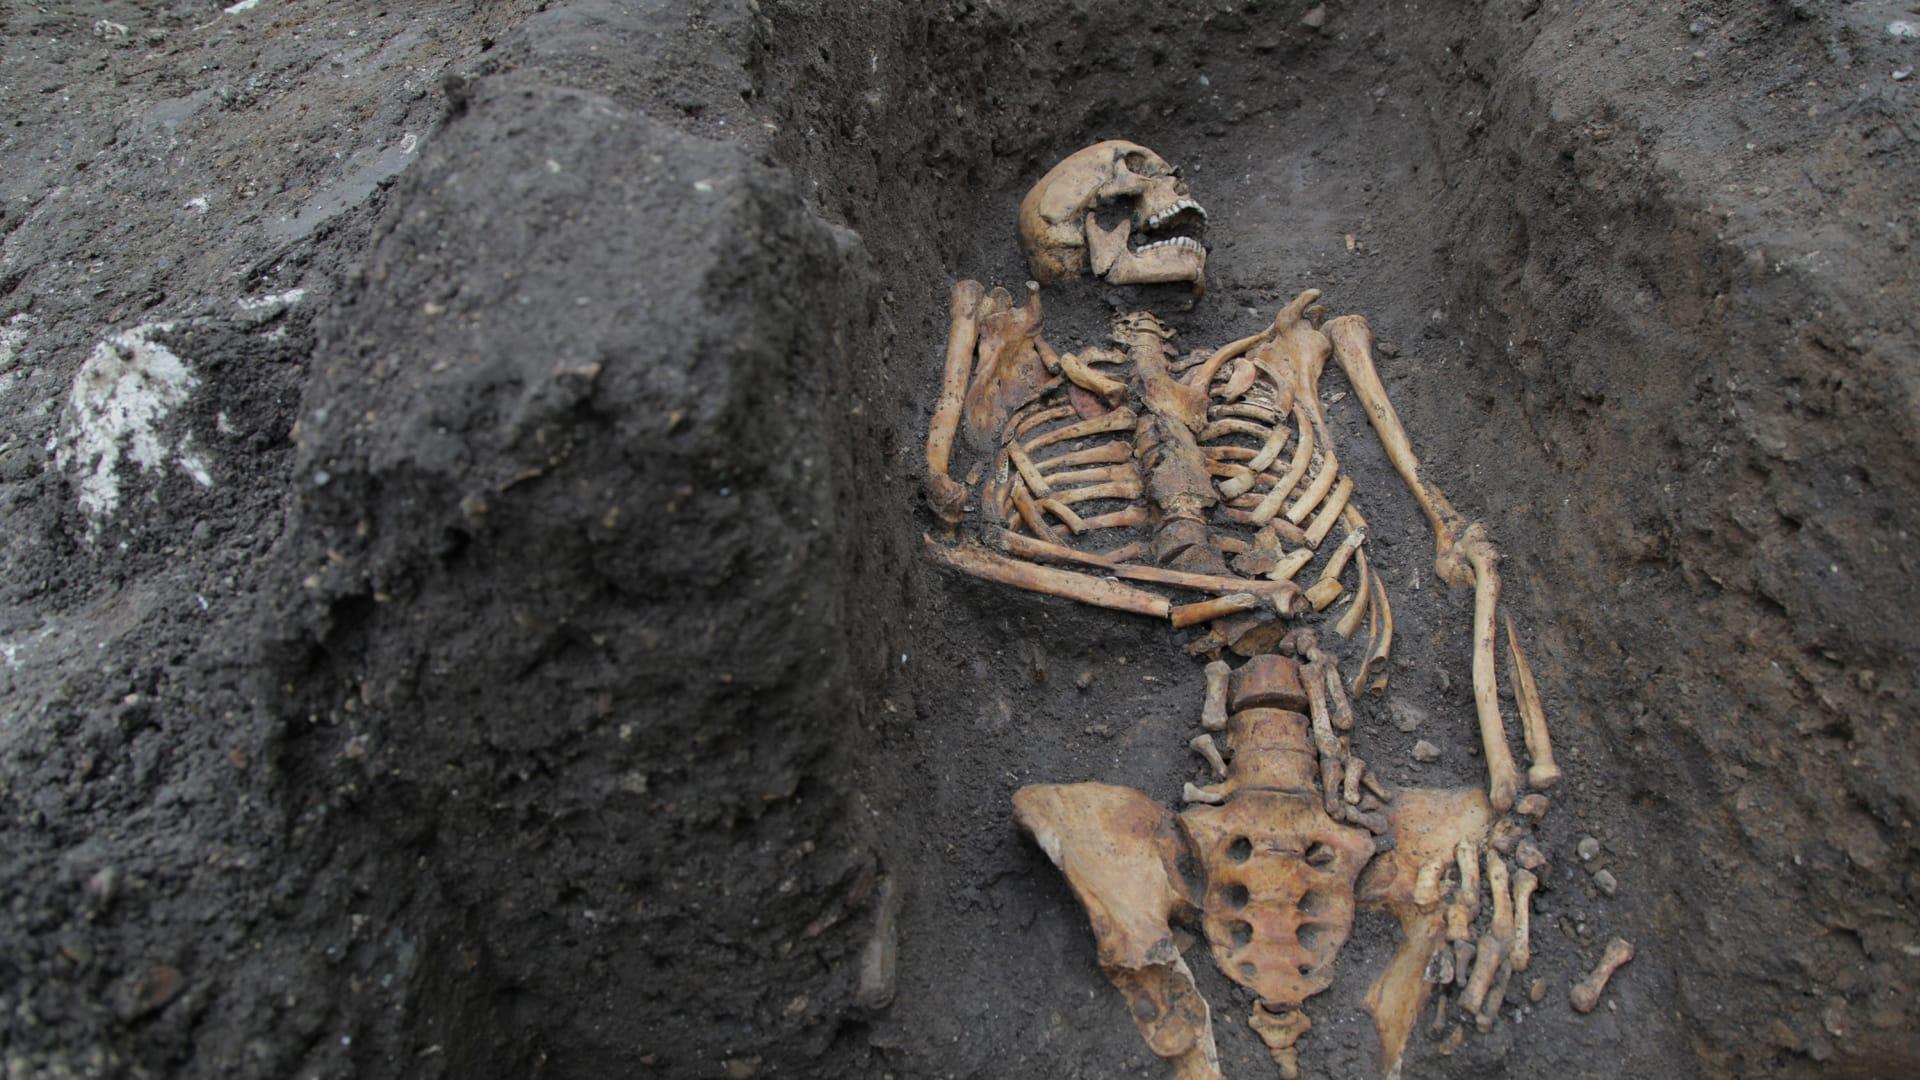 هكذا تم تسجيل عدم المساواة في عظام سكان العصور الوسطى بإنجلترا وفقا لهذا البحث